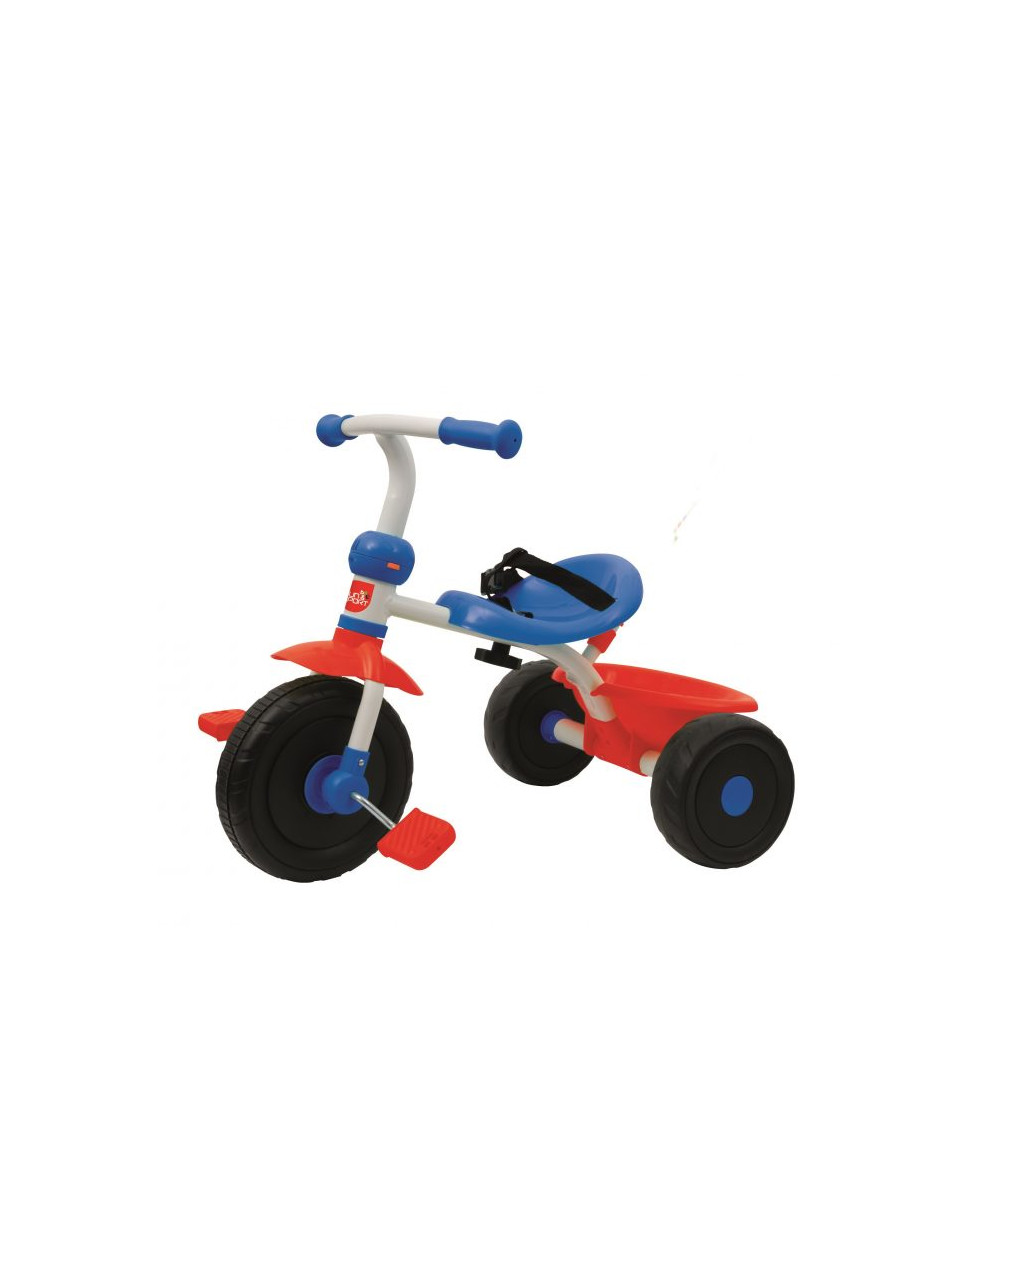 Sol e esporte - truques de triciclo vá, garoto - Sun&Sport